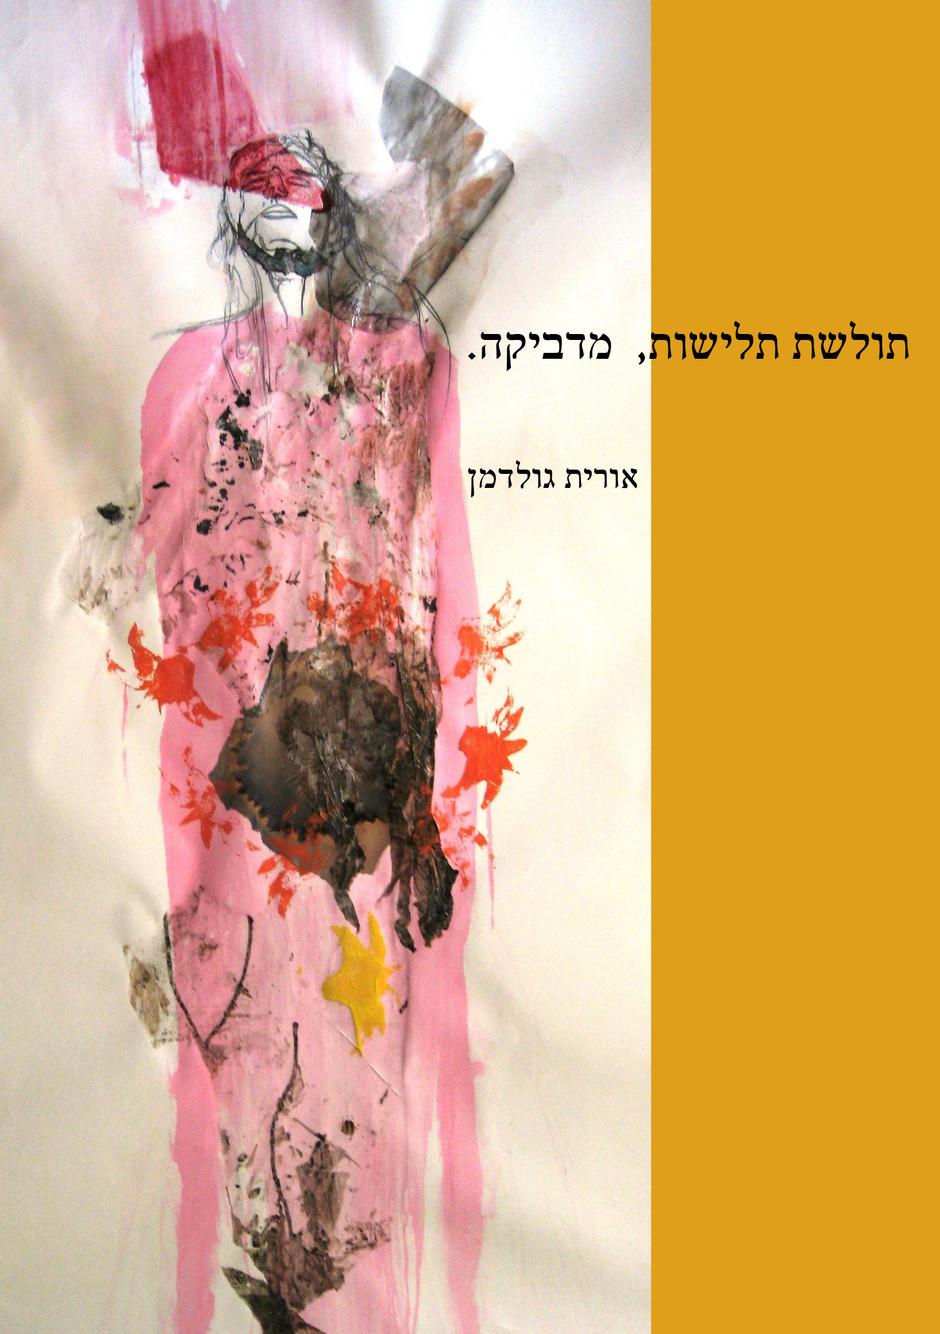 תולשת תלישות, מדביקה / אורית גולדמן